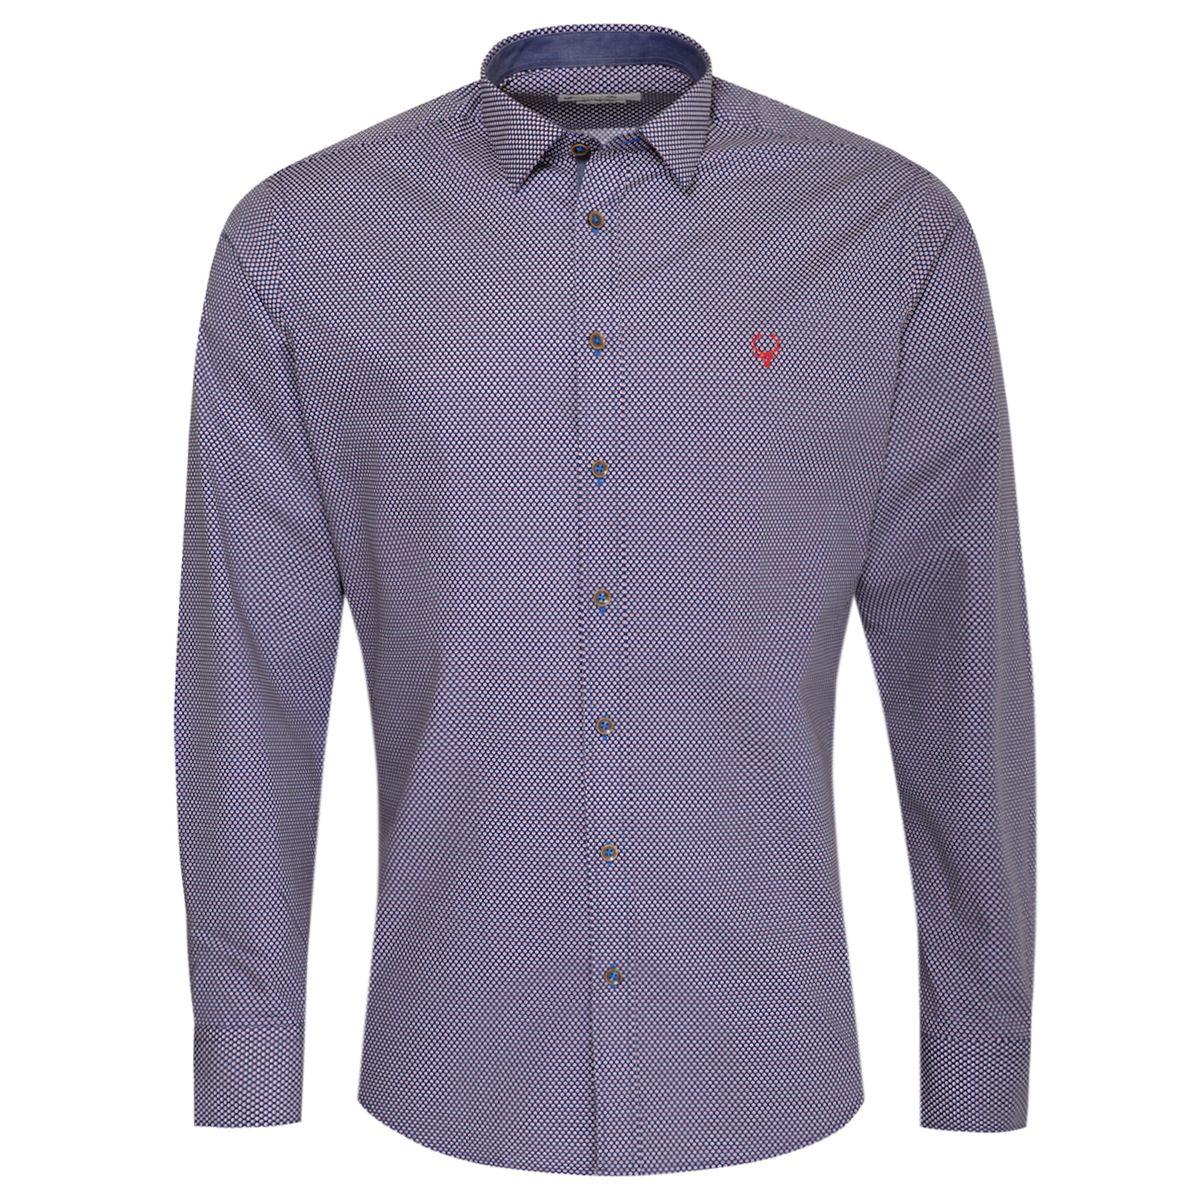 Trachtenhemd Body Fit Eugen mehrfarbig in Blau und Rot von Gweih und Silk günstig online kaufen